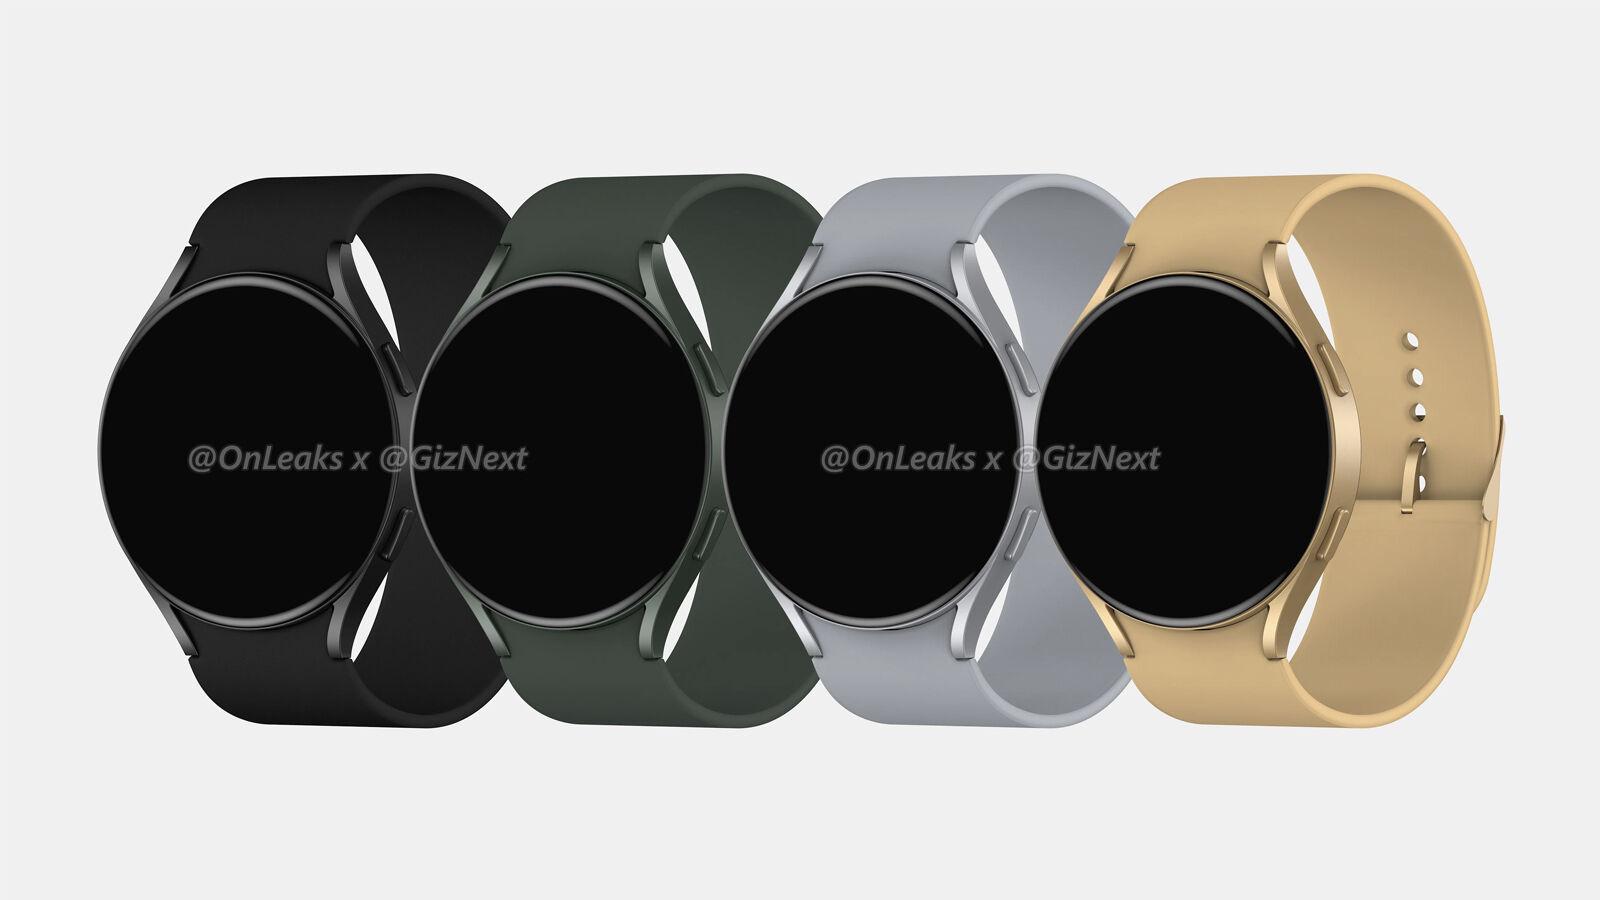 Samsung Galaxy Watch 4 Active renders filtrados |  Fuente: GizNext y OnLeaks